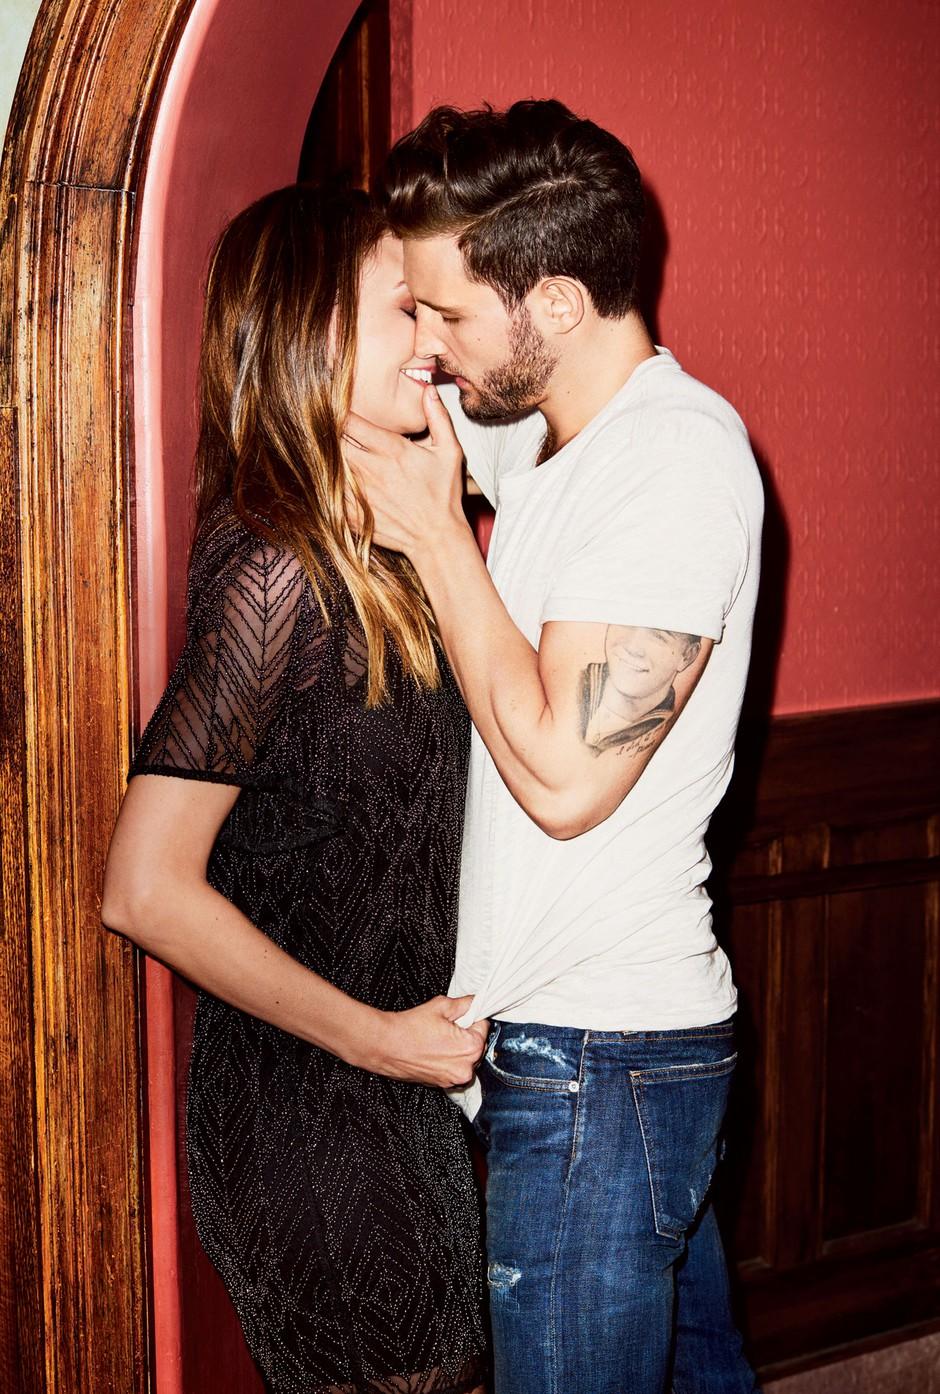 Postani mojstrica zmenkov (skrivnosti in strategije igre,  ki vodi do prave ljubezni) (foto: Eric Ray Davidson)